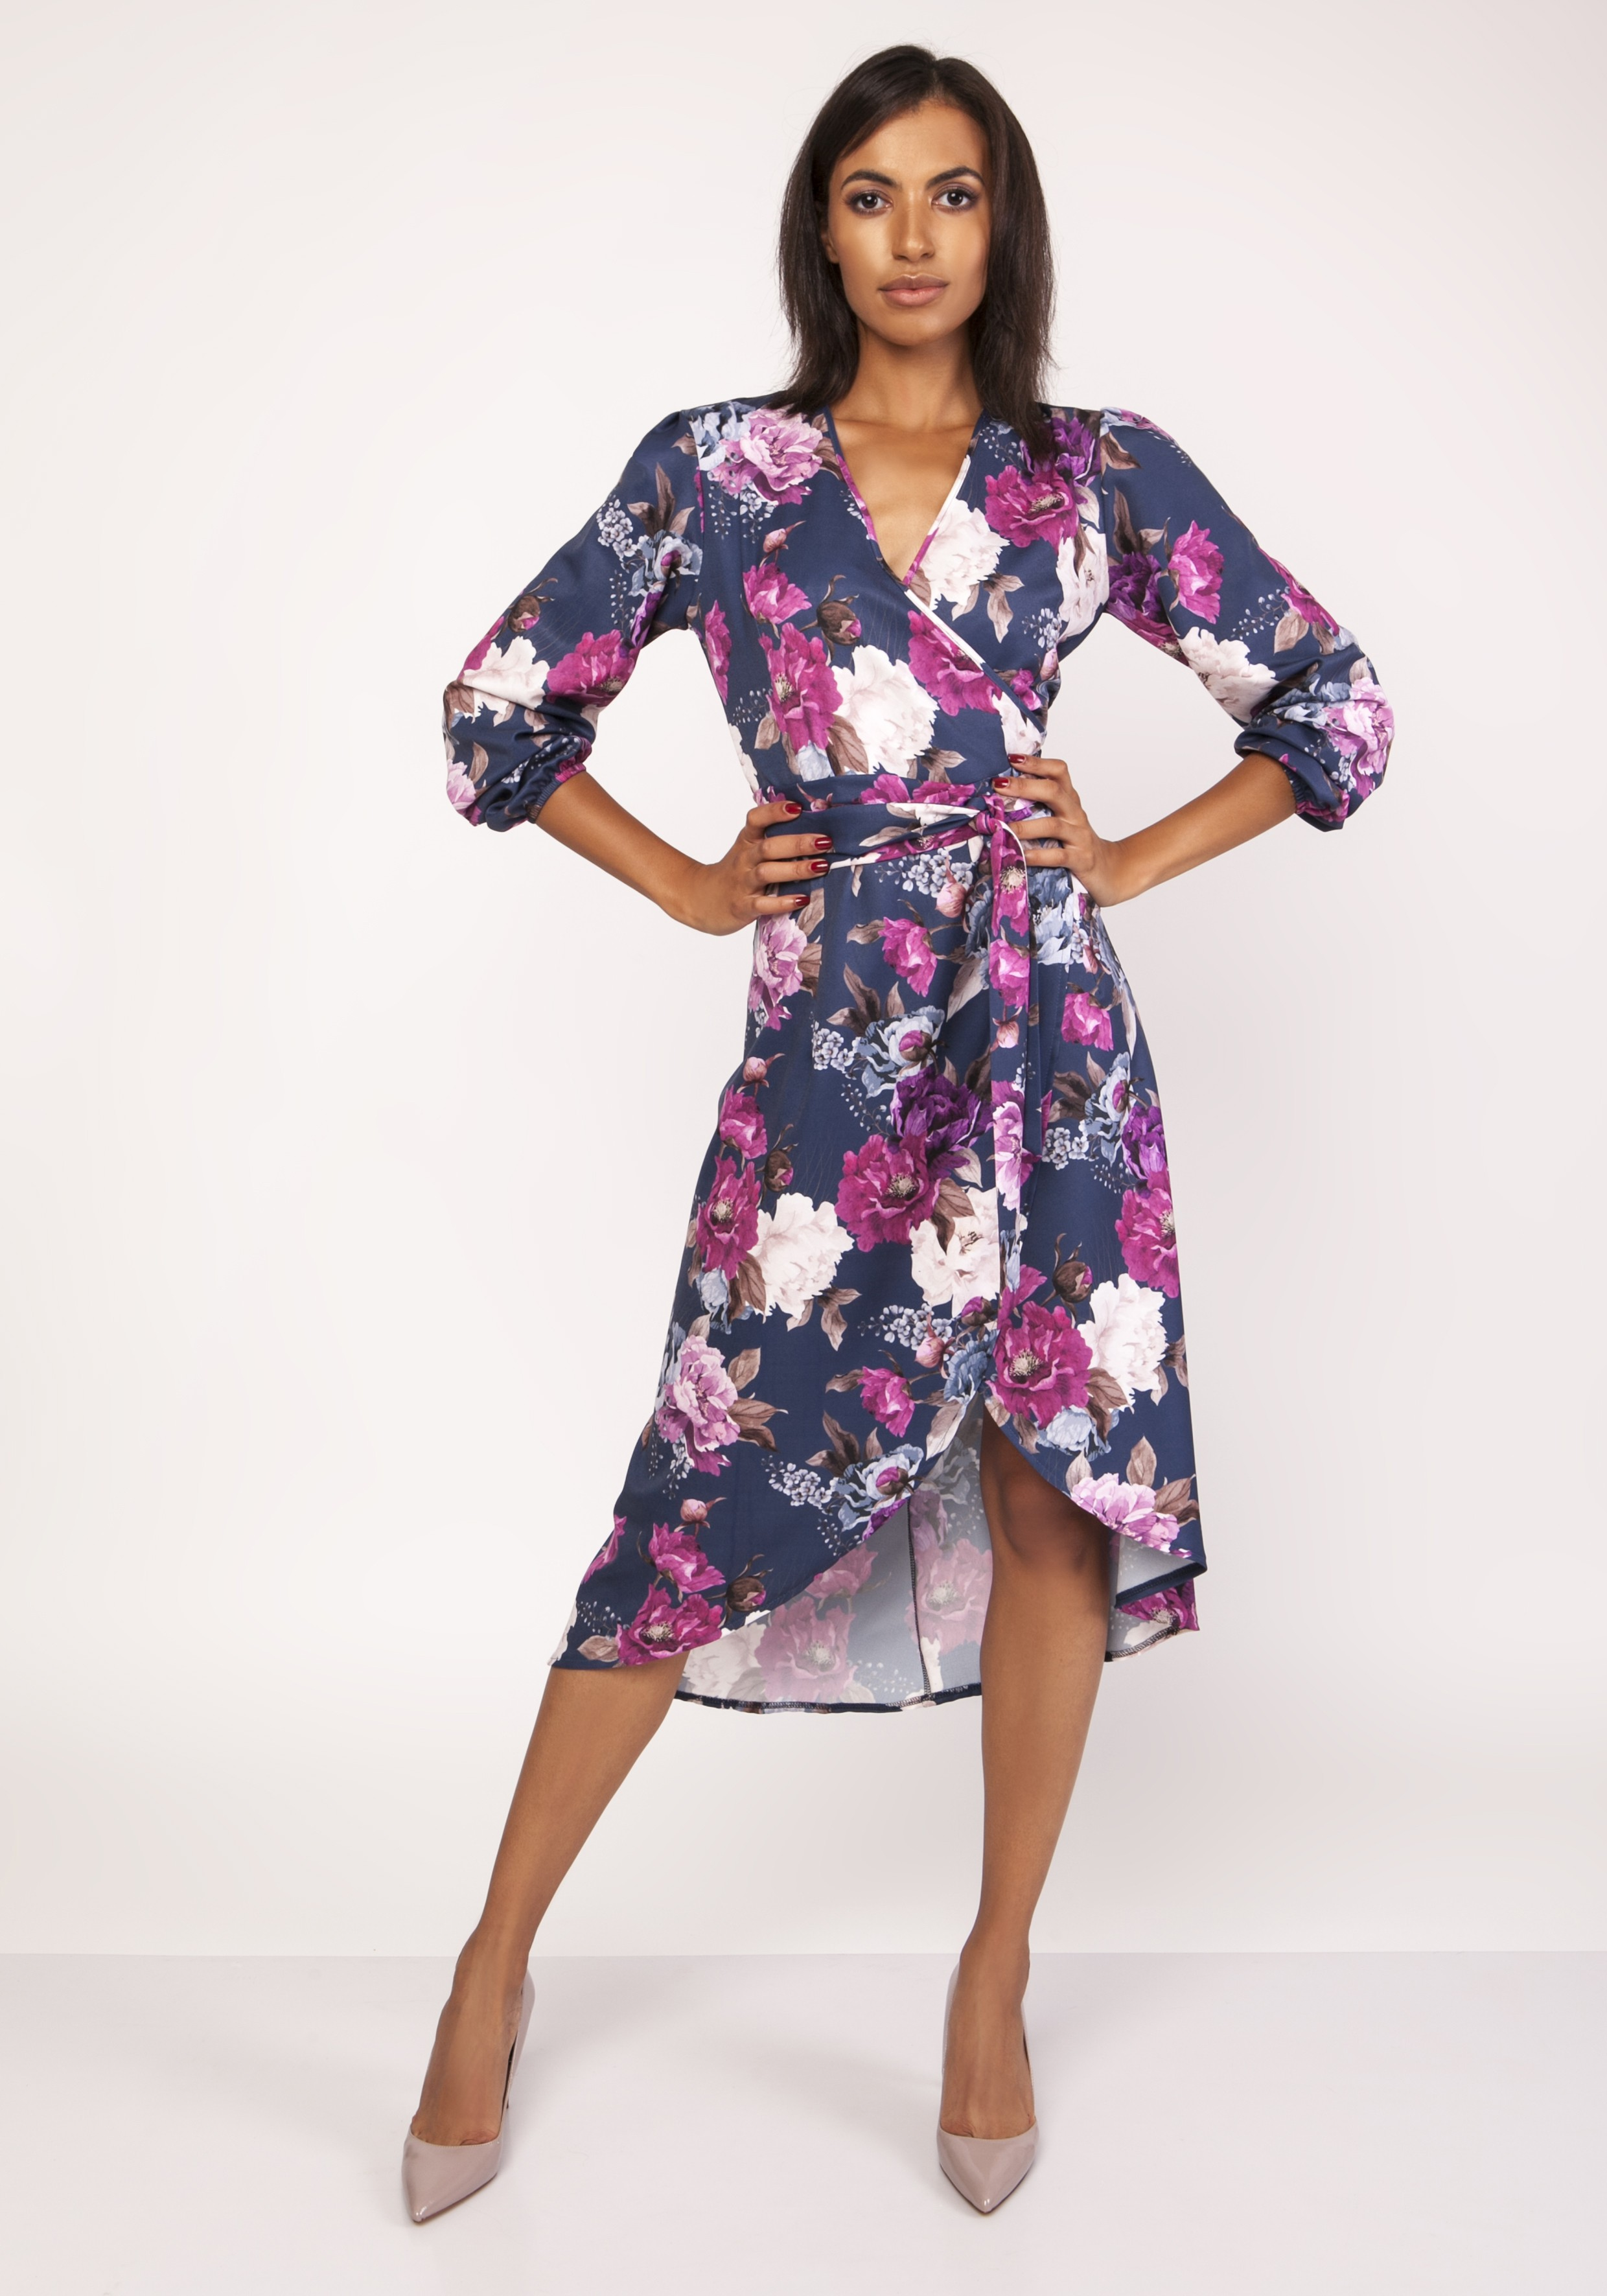 930b45765f Kopertowa asymetryczna sukienka w kwiaty - wysyłka kurierem od 5